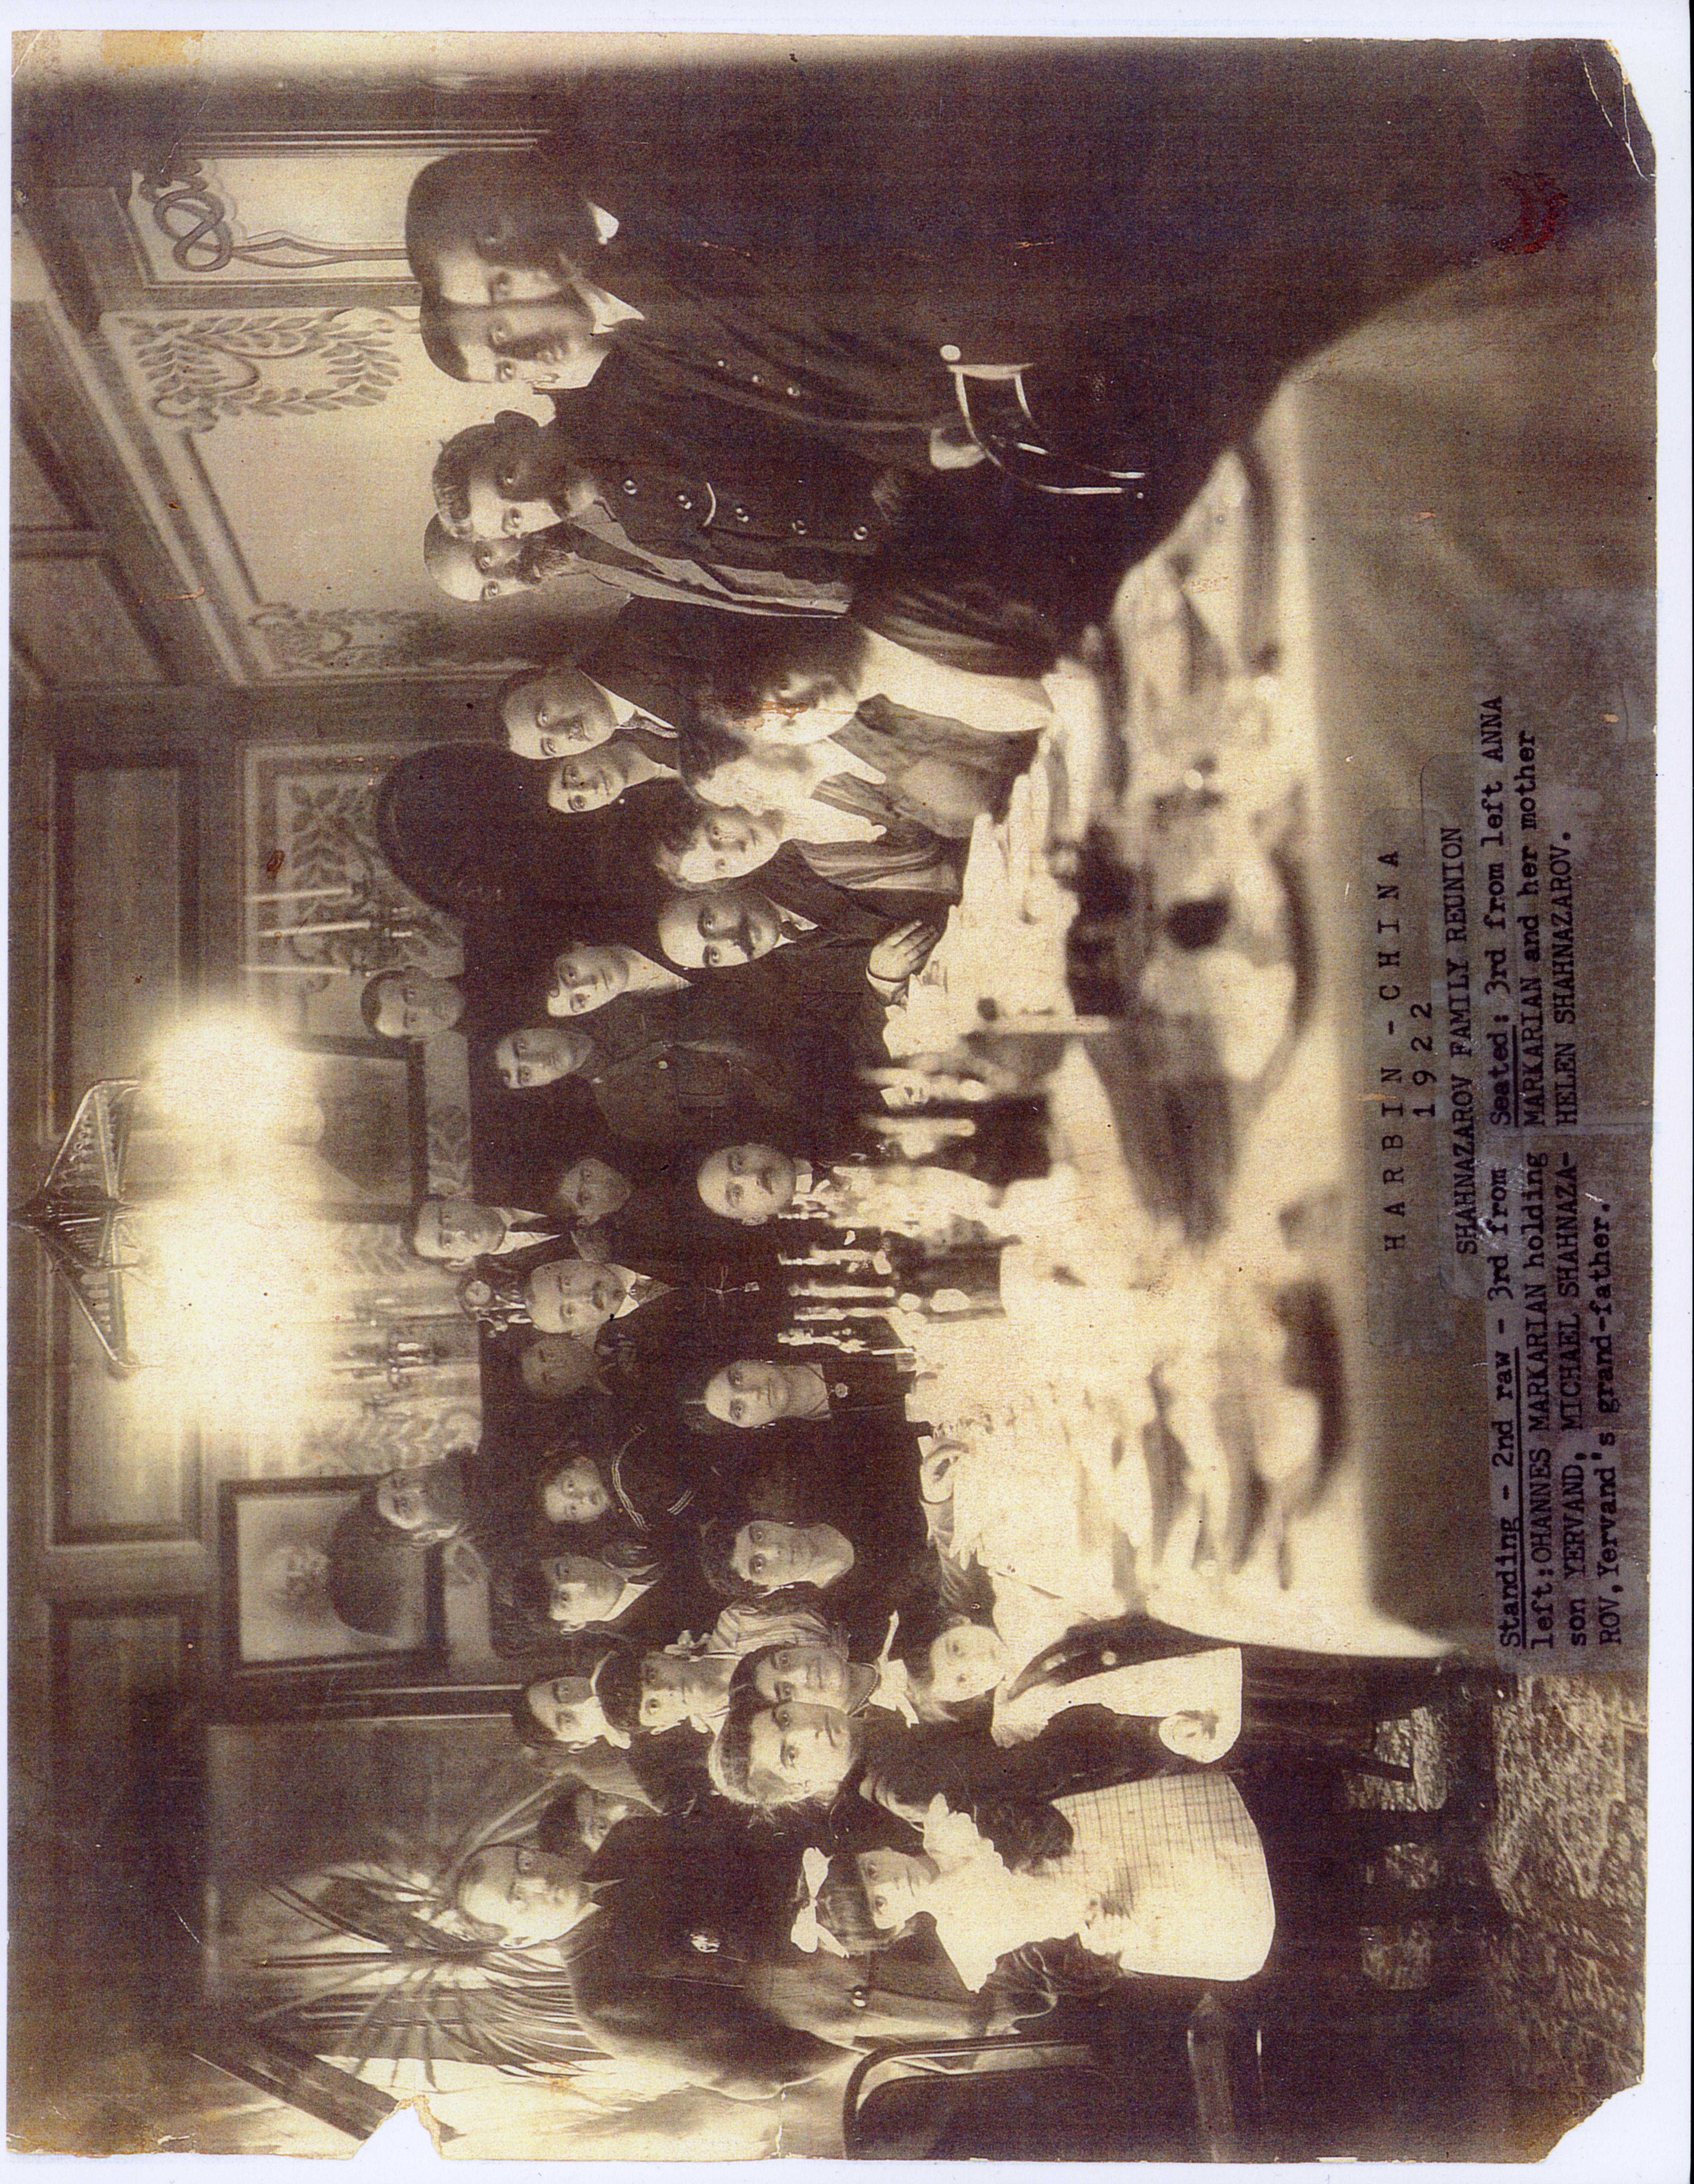 Portrait of Armenian family, Harbin, China, 1922